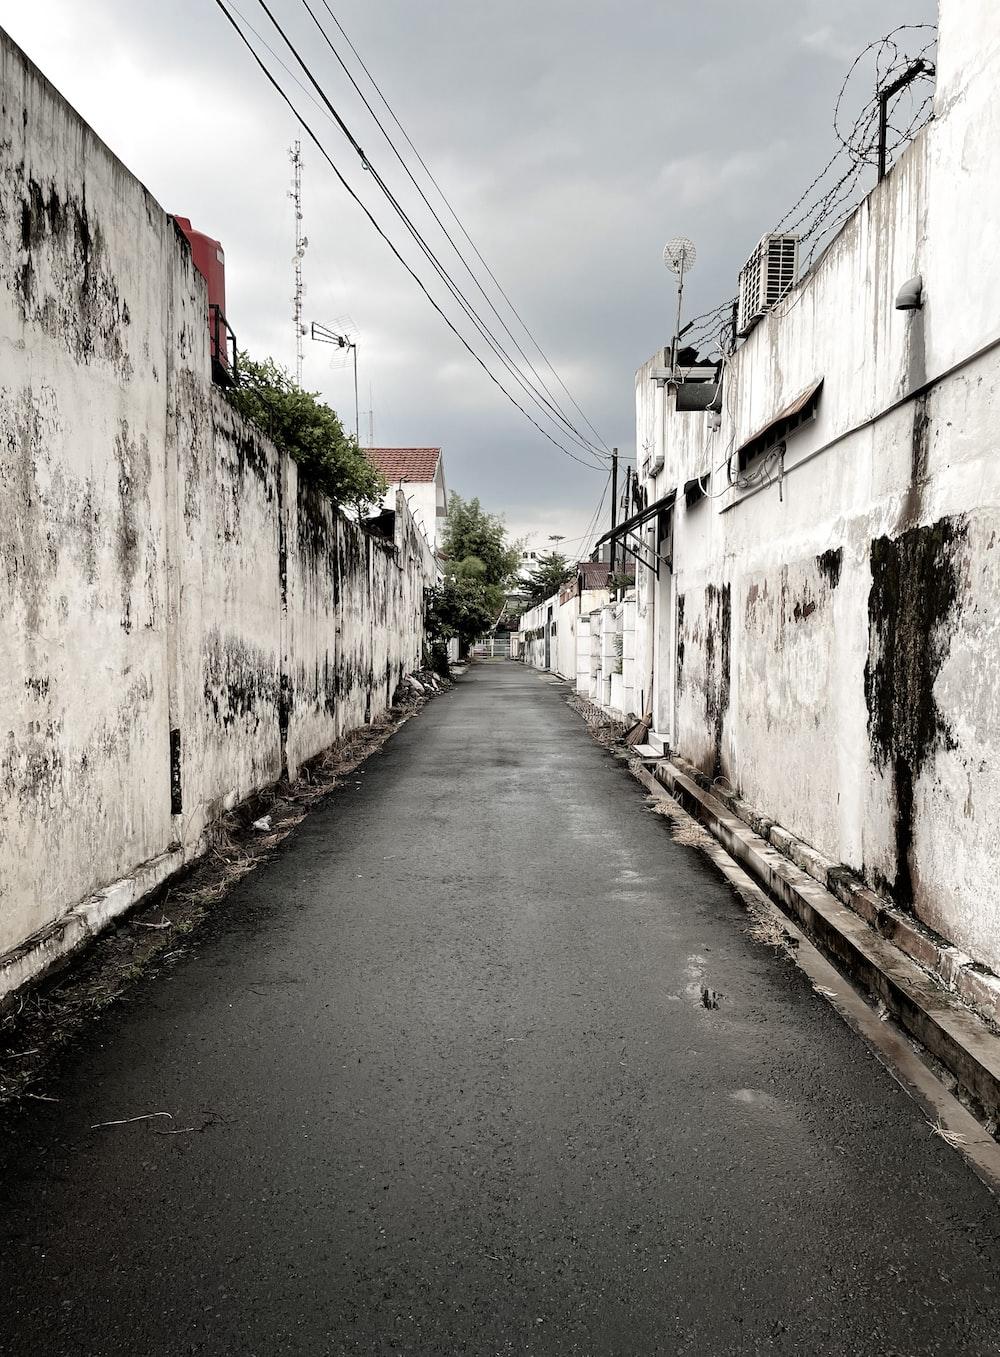 empty road in between concrete buildings